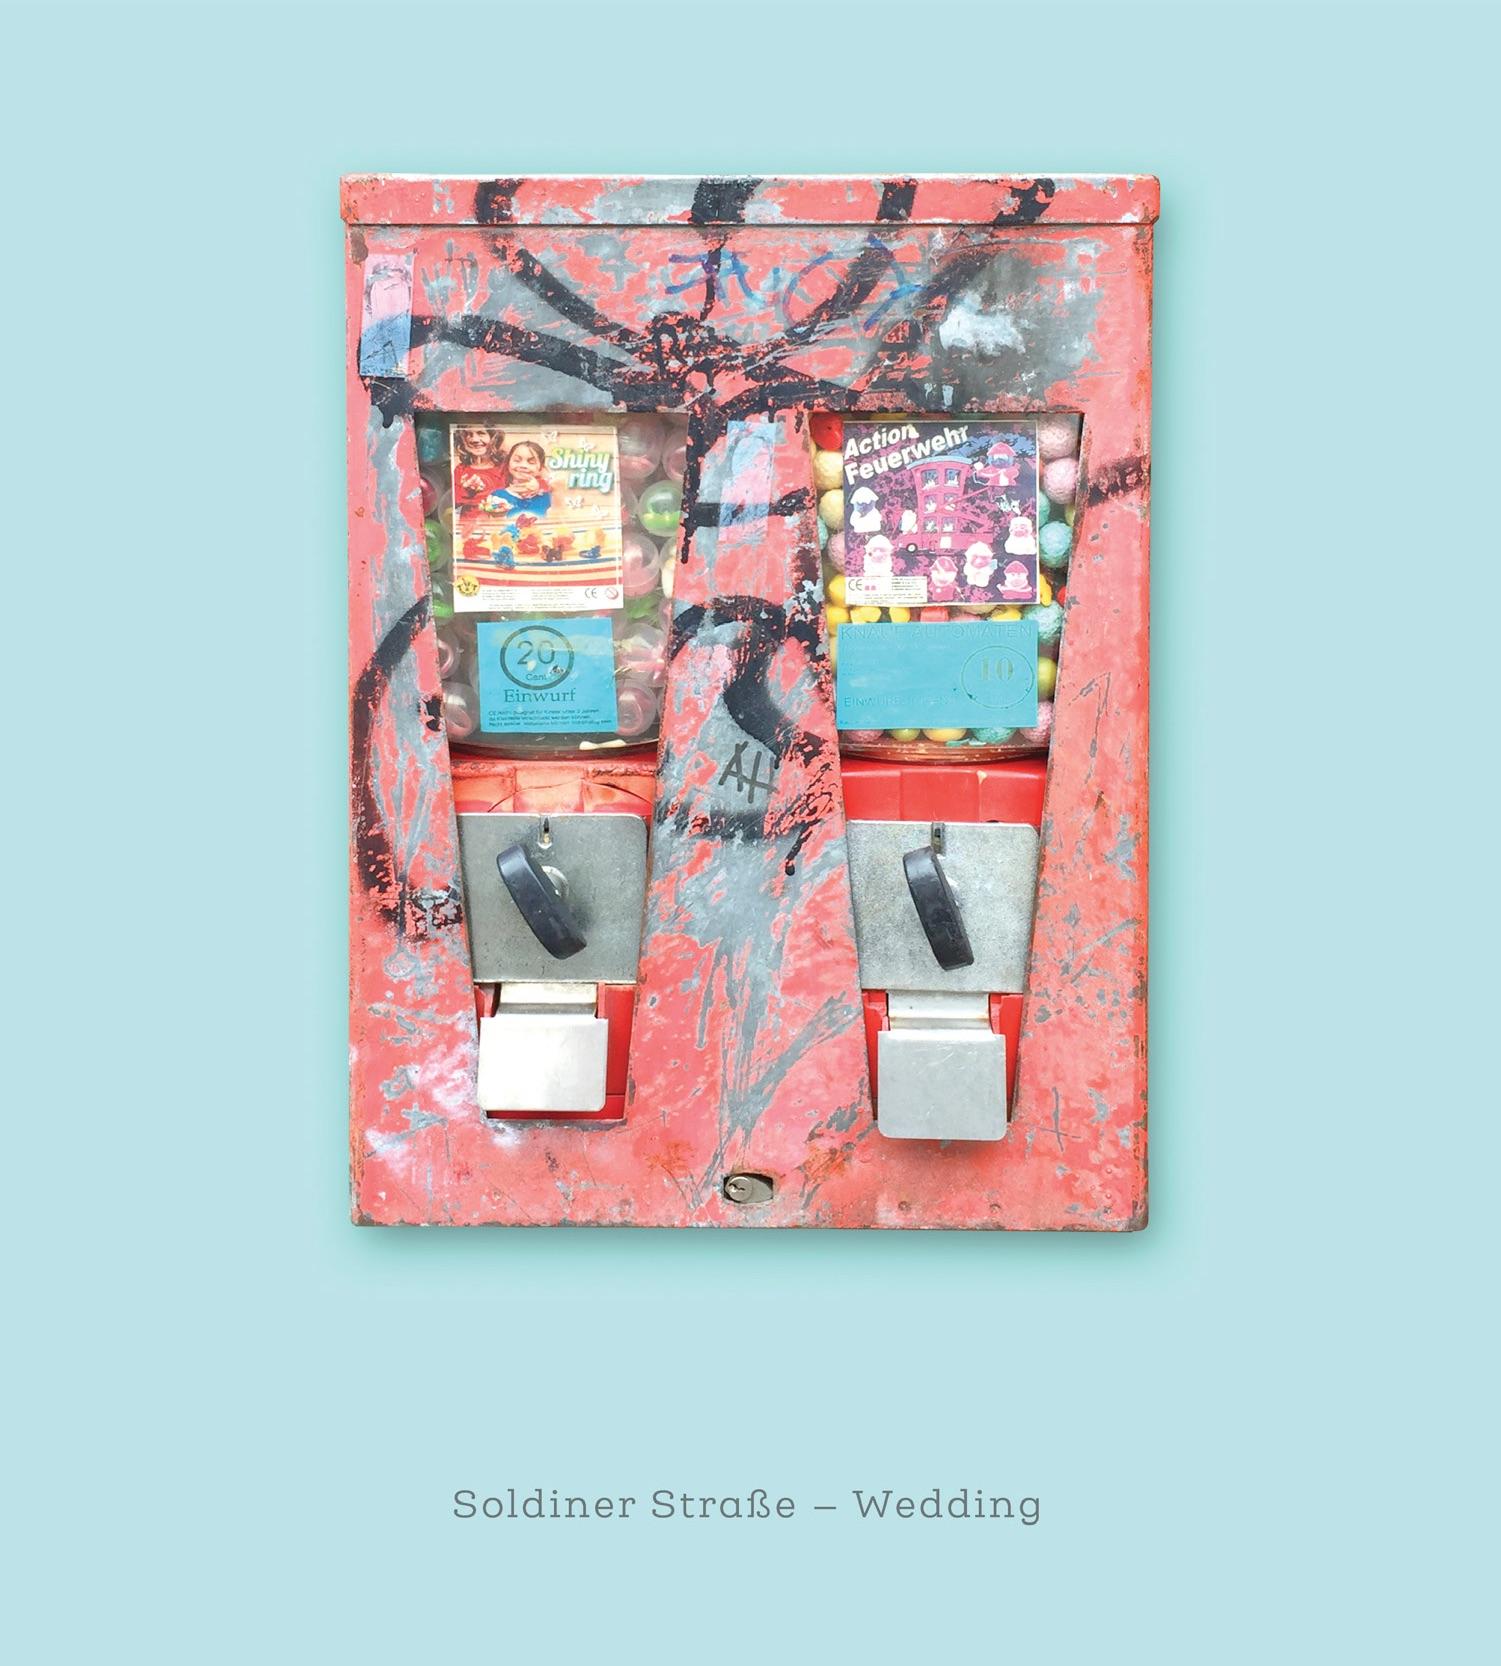 BI_161122_fotoprojekt_kaugummiautomat_wedding